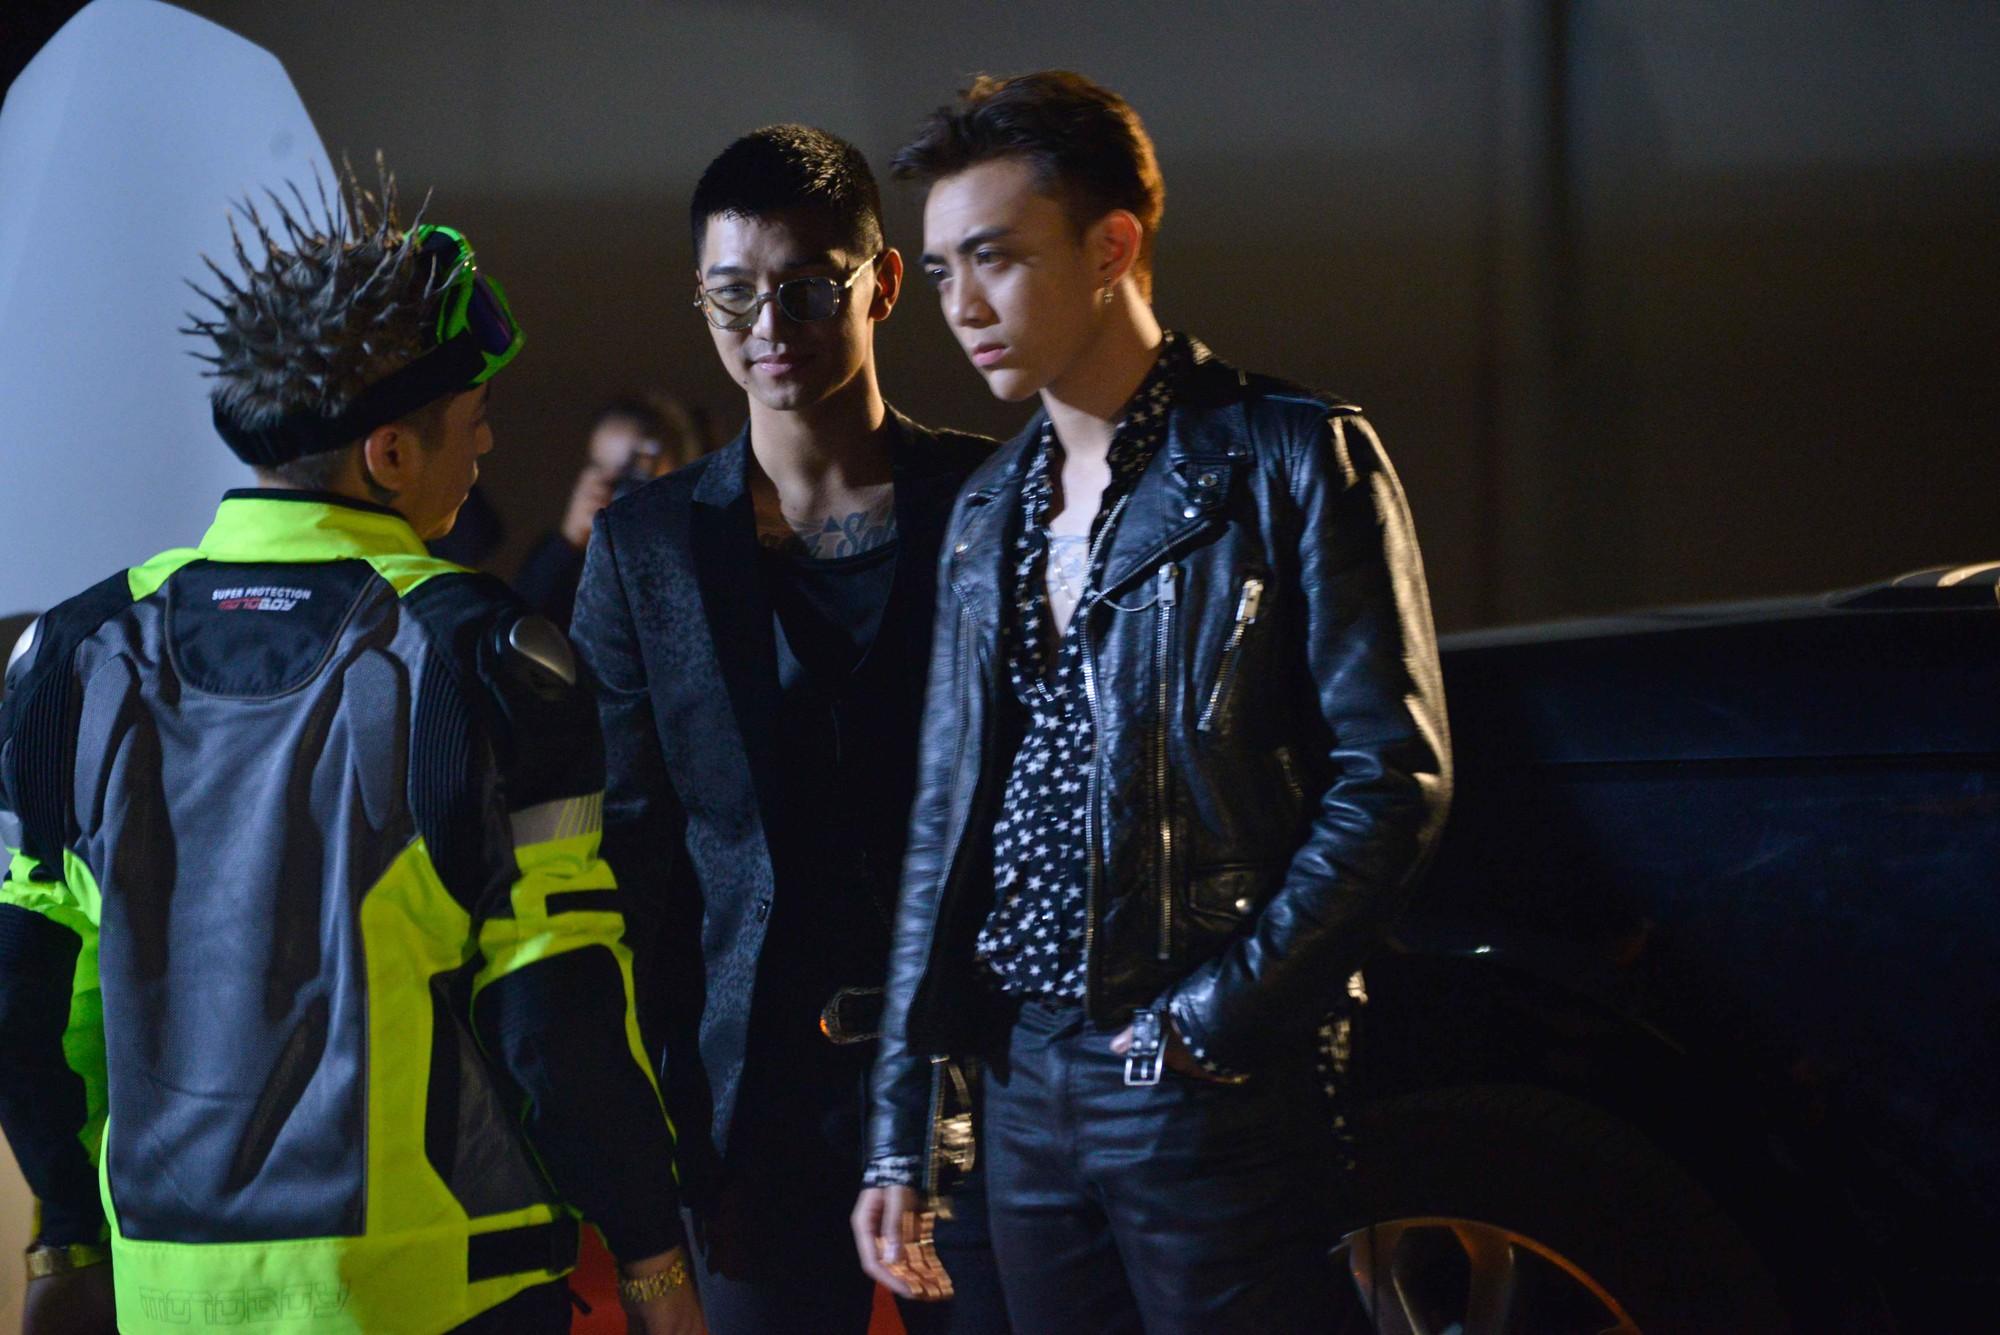 Soobin Hoàng Sơn bất ngờ bắt tay với Cường 7 trong phim điện ảnh về siêu xe? - Ảnh 2.